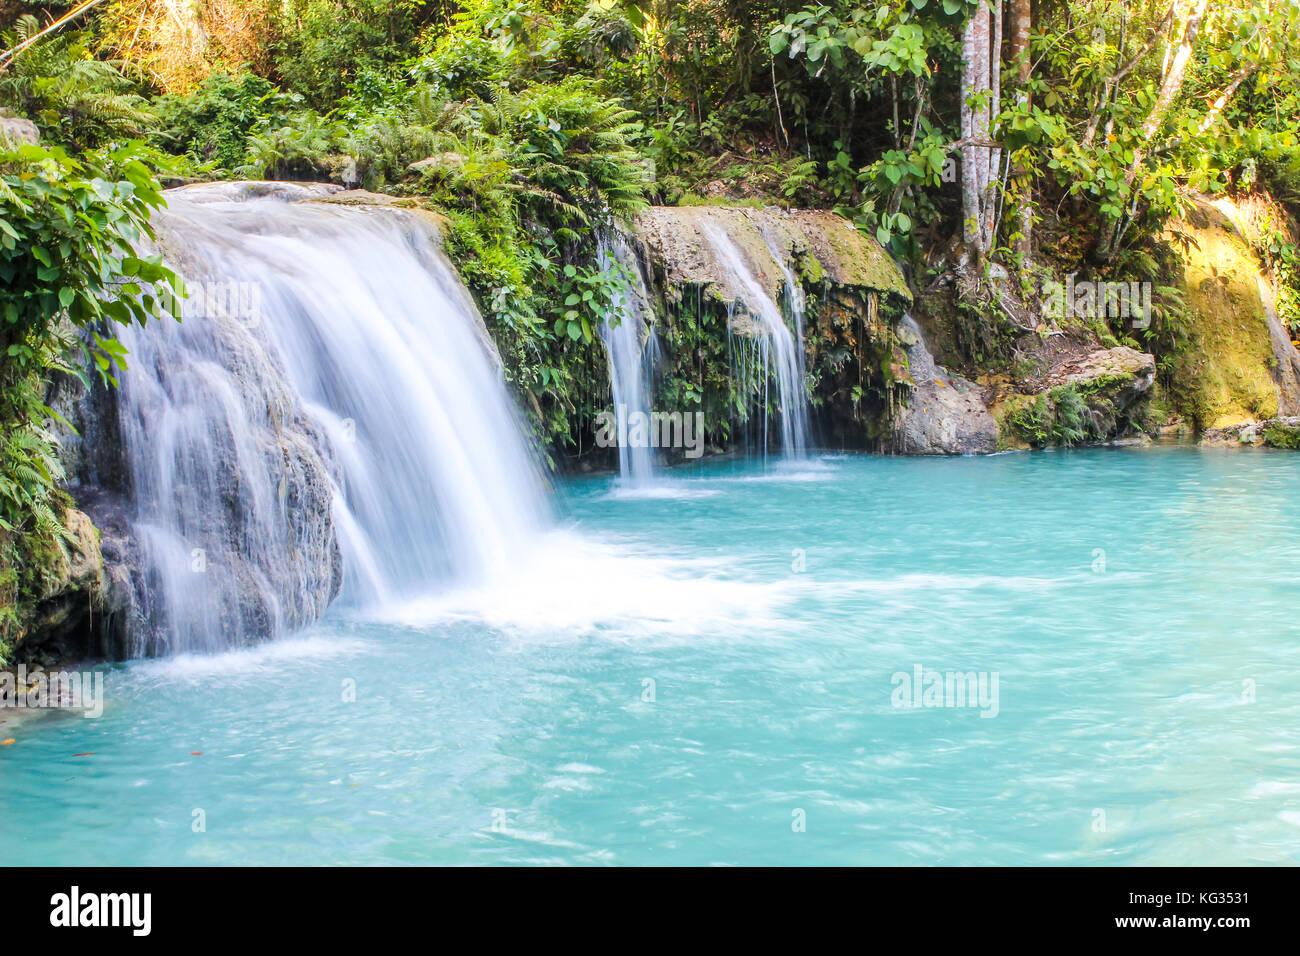 Wunderschöne Wasserfälle im Dschungel von siquijor auf den Philippinen. Stockbild